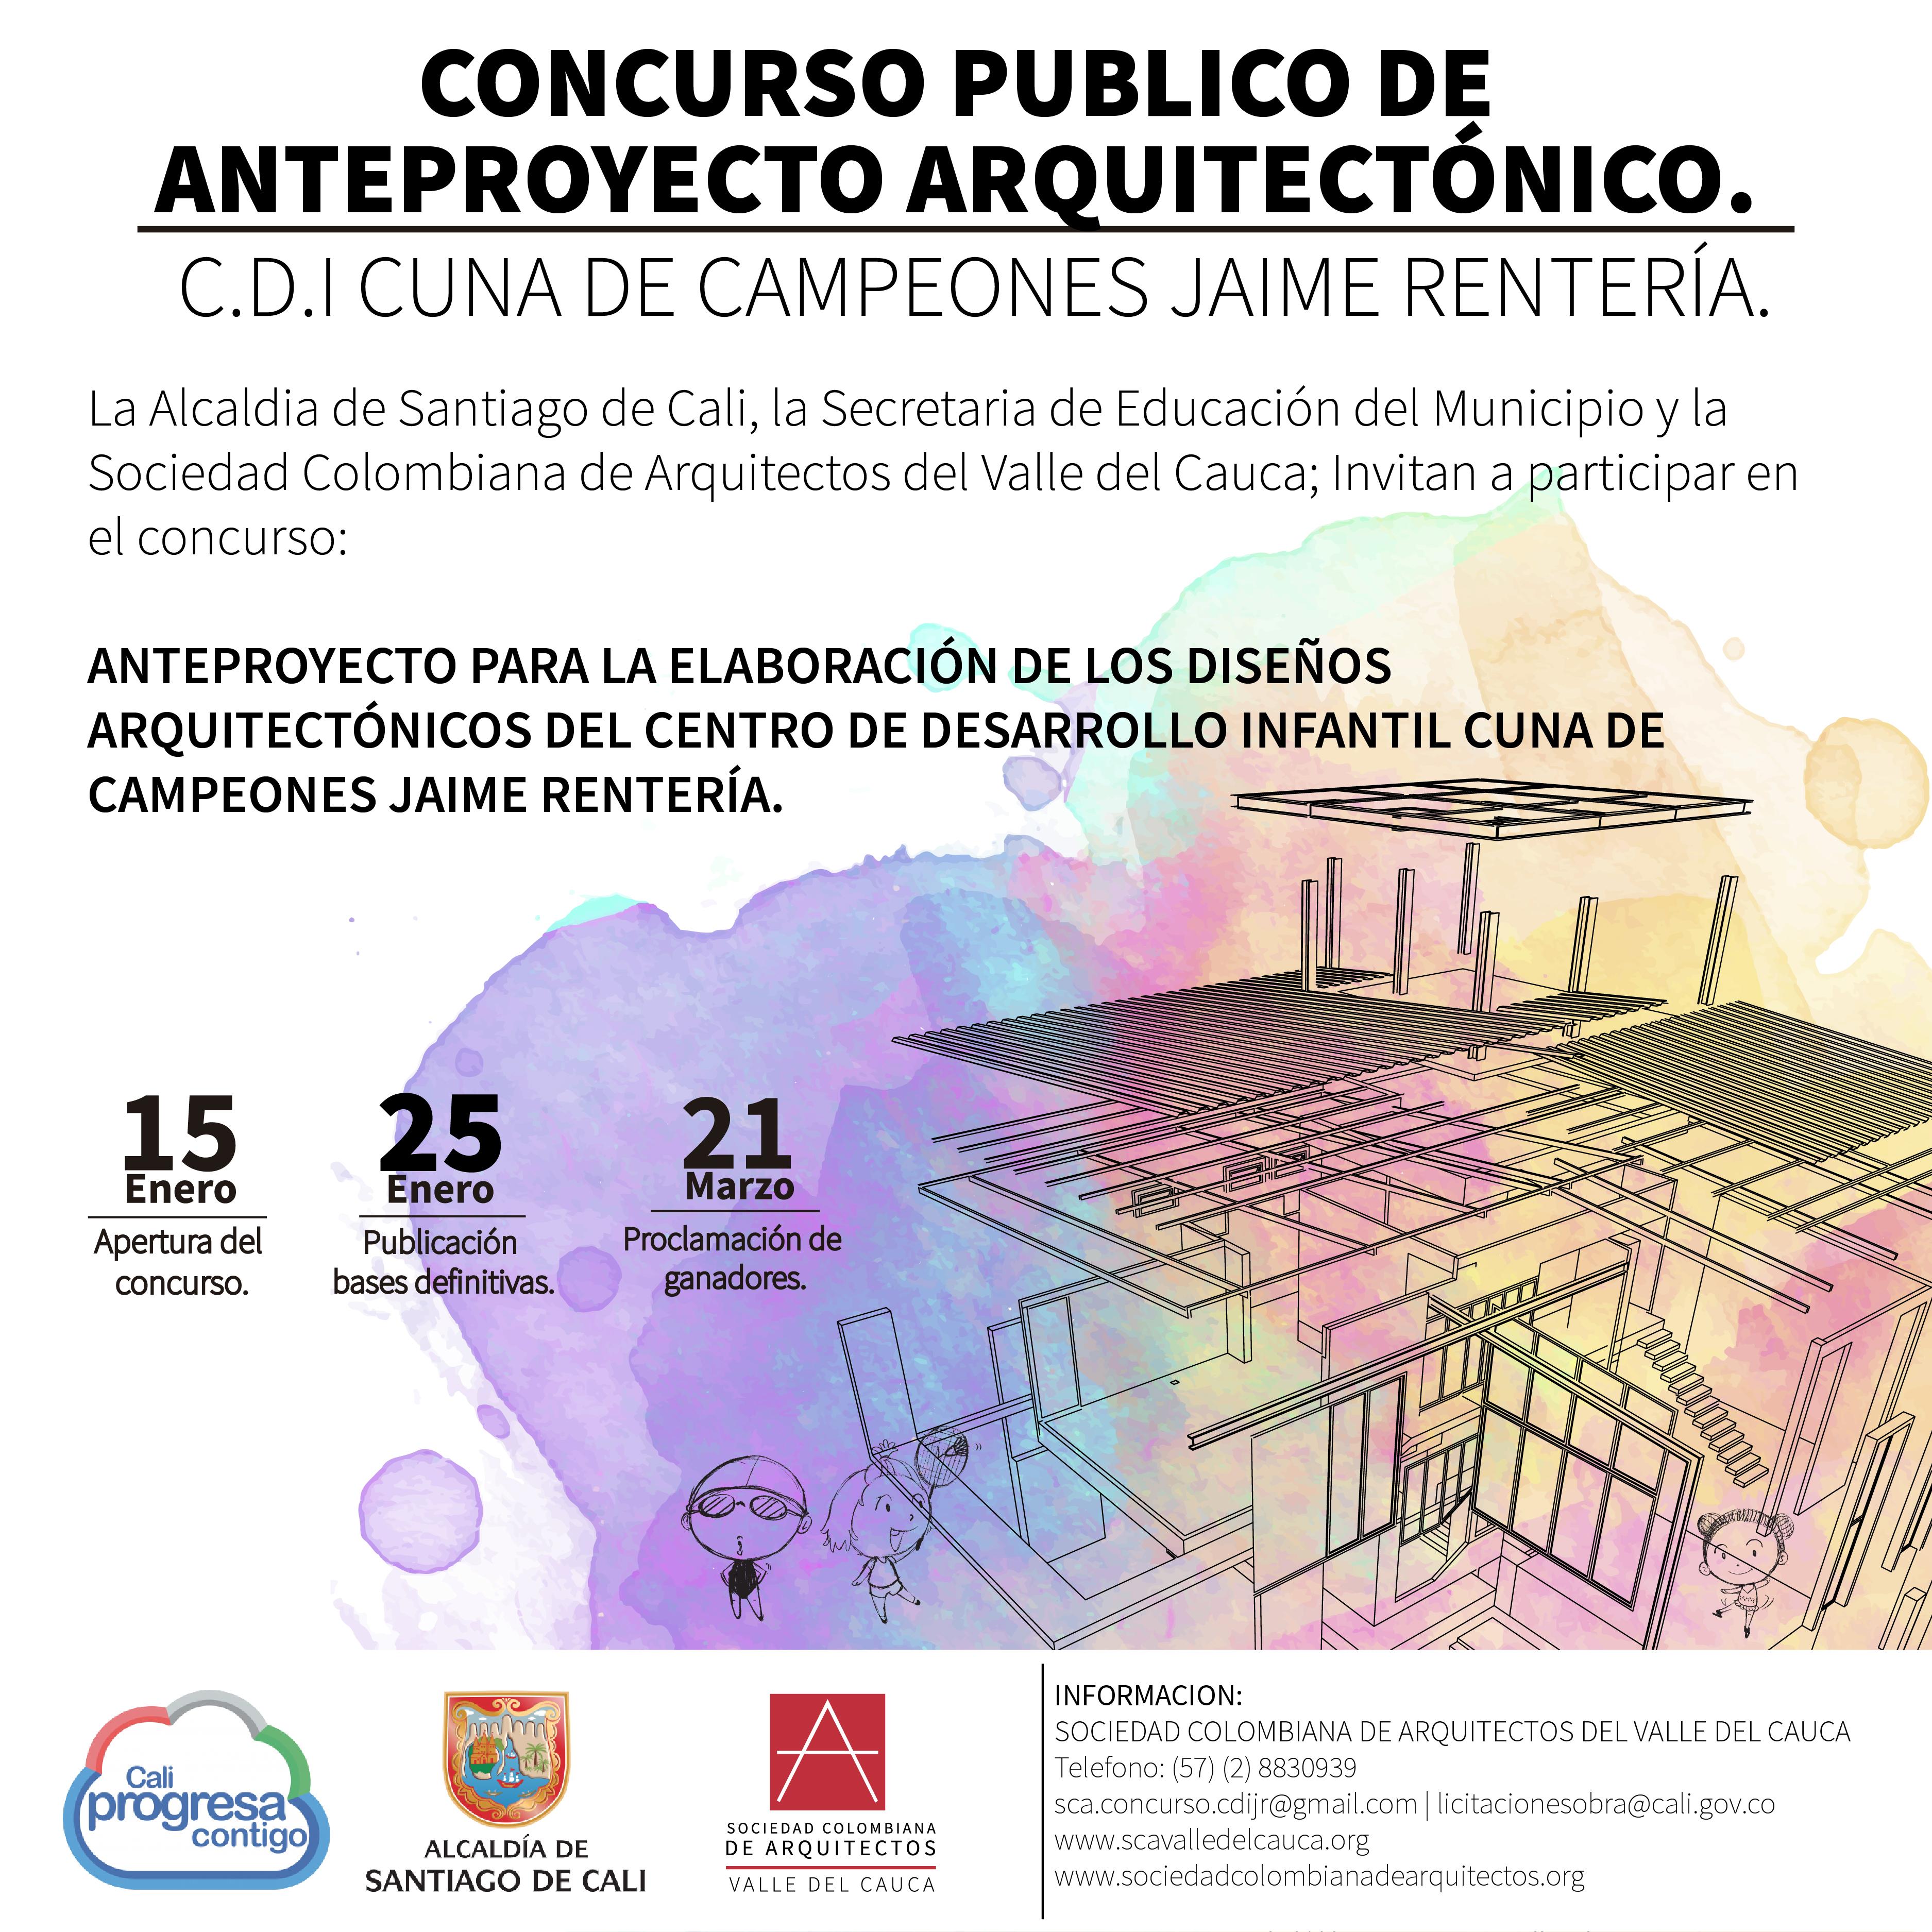 Concurso CDI cuna de campeones Jaime Rentería